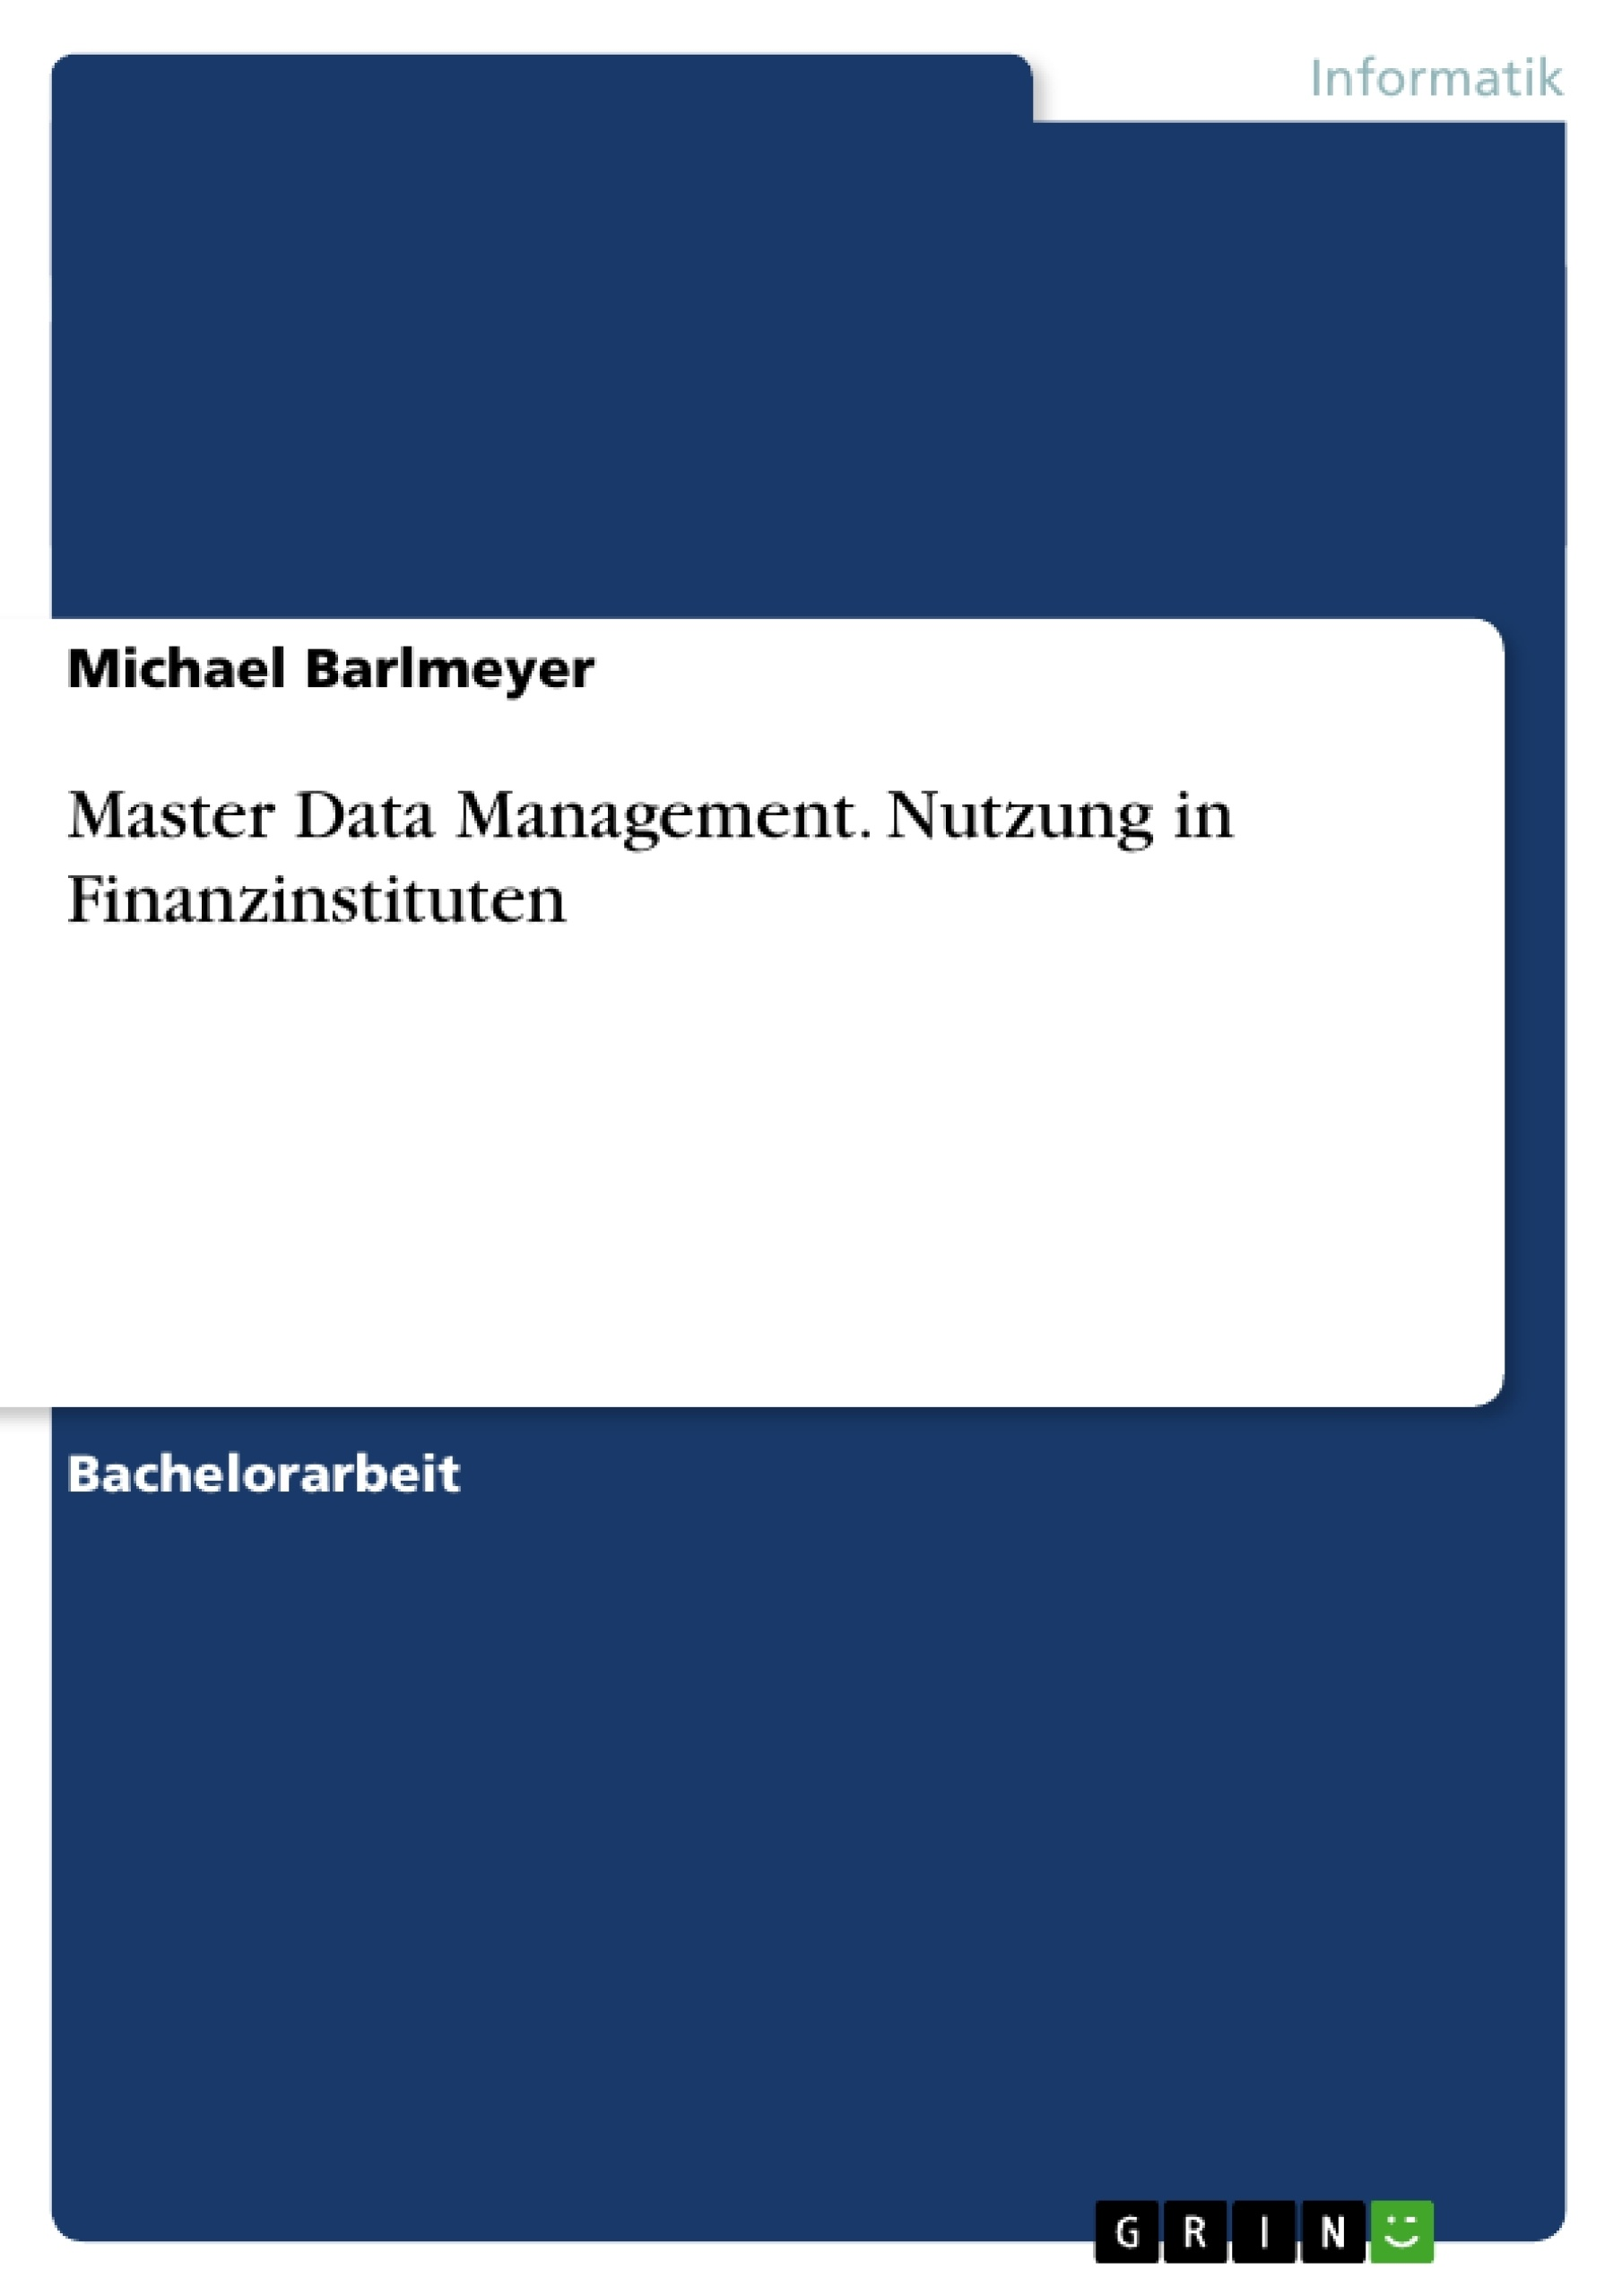 Titel: Master Data Management. Nutzung in Finanzinstituten